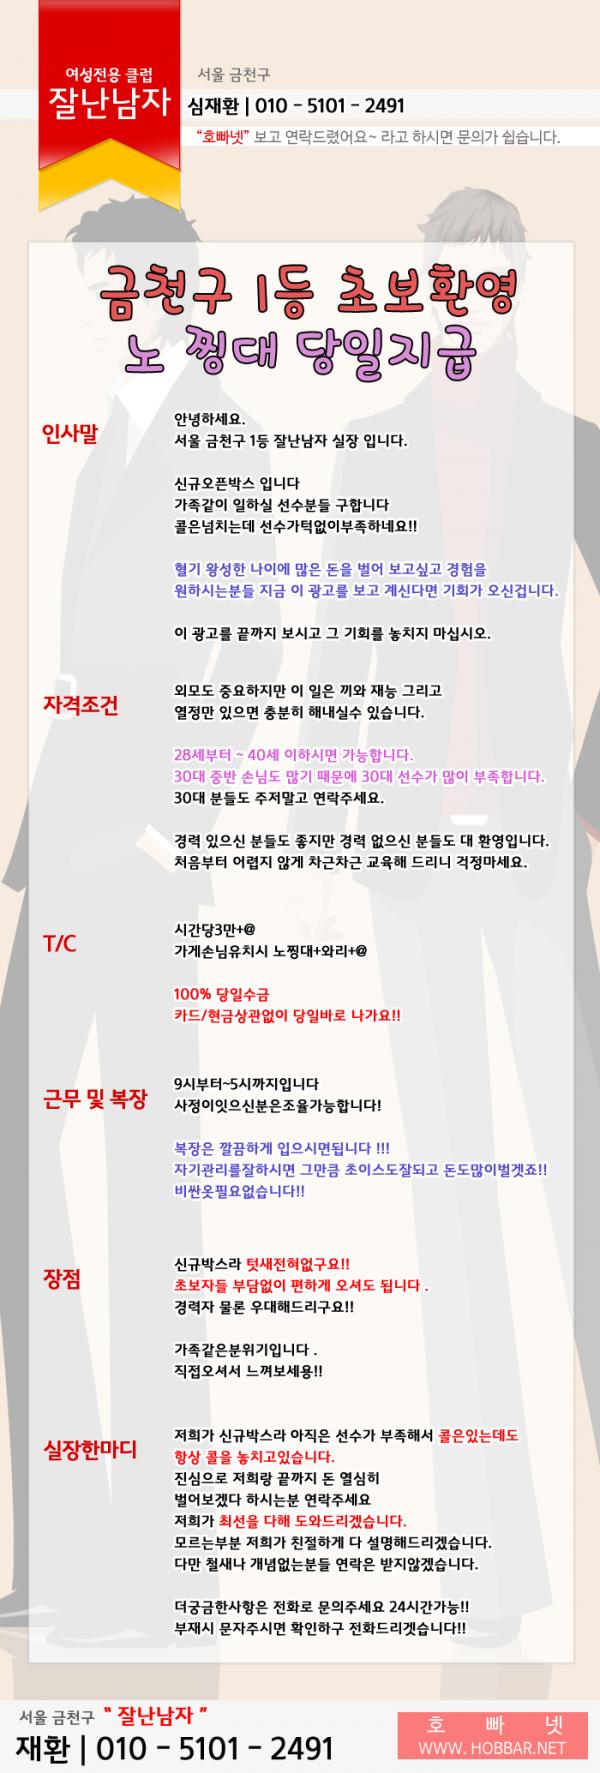 서울 금천구호빠 잘난남자.png